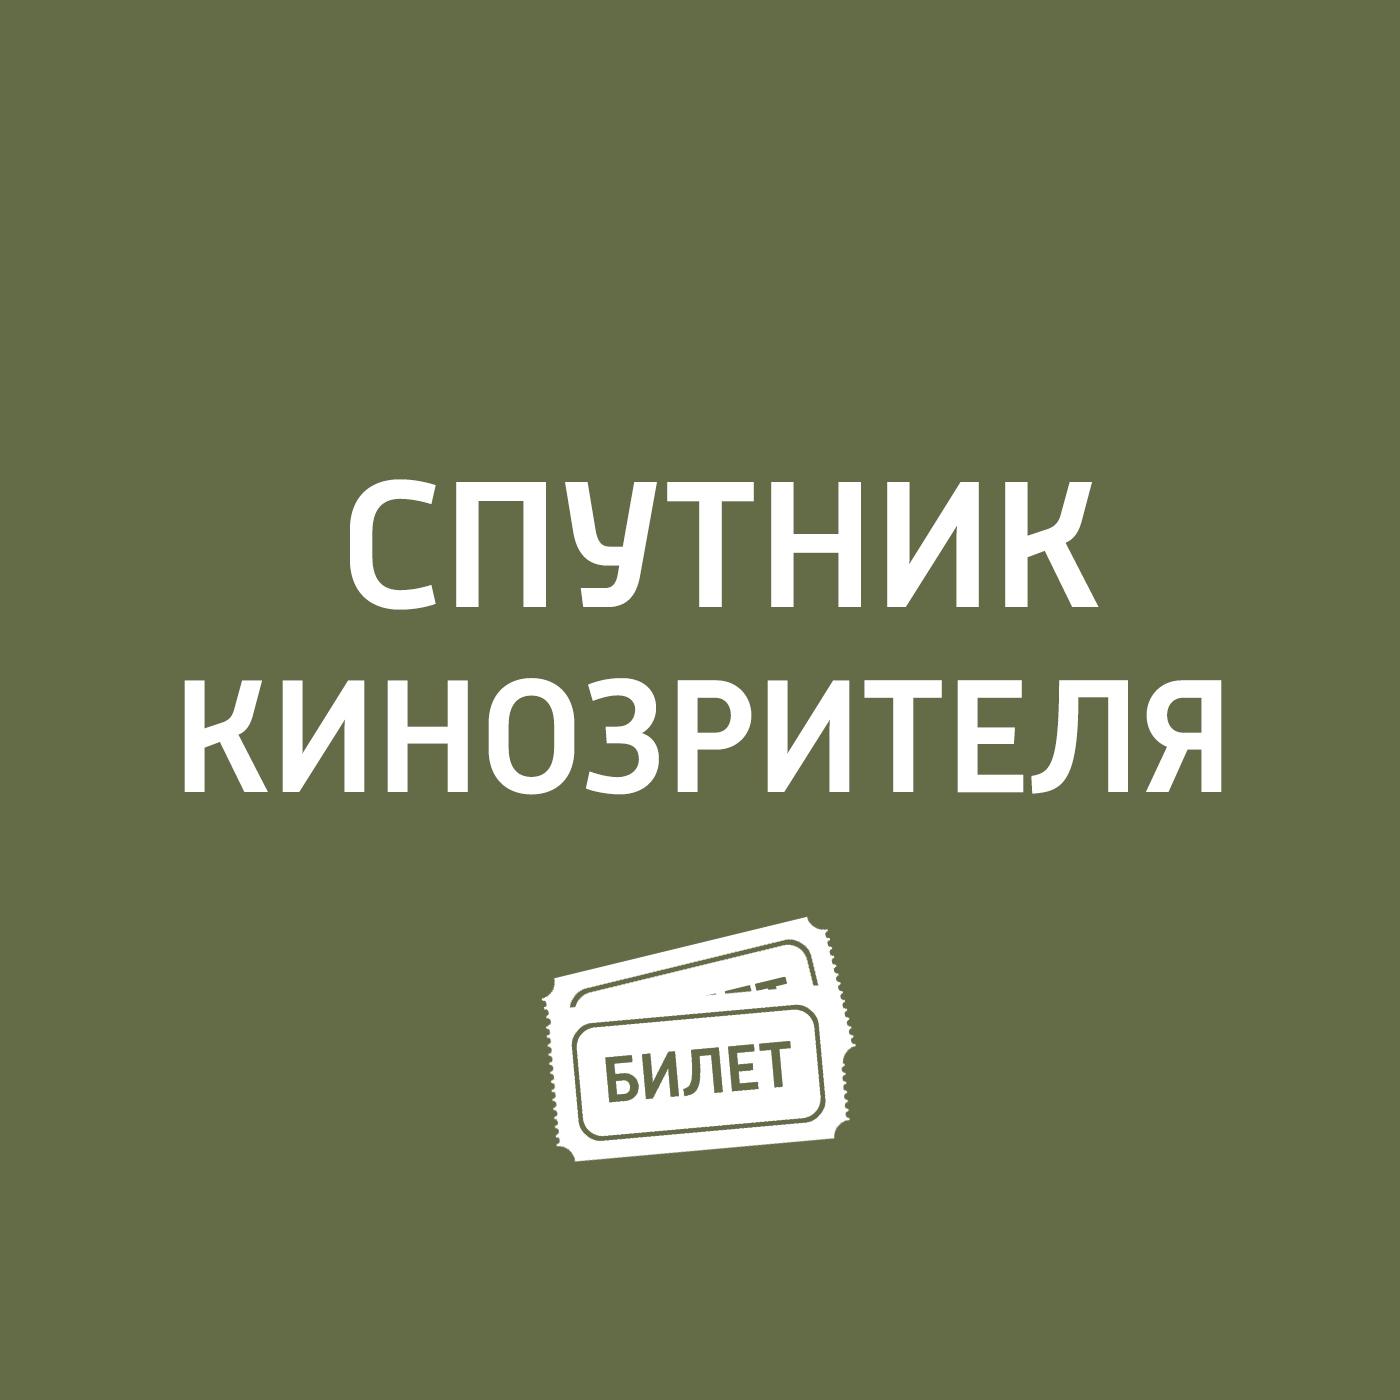 Антон Долин Секс-скандалы Голливуда долин антон ларс фон триер контрольные работы